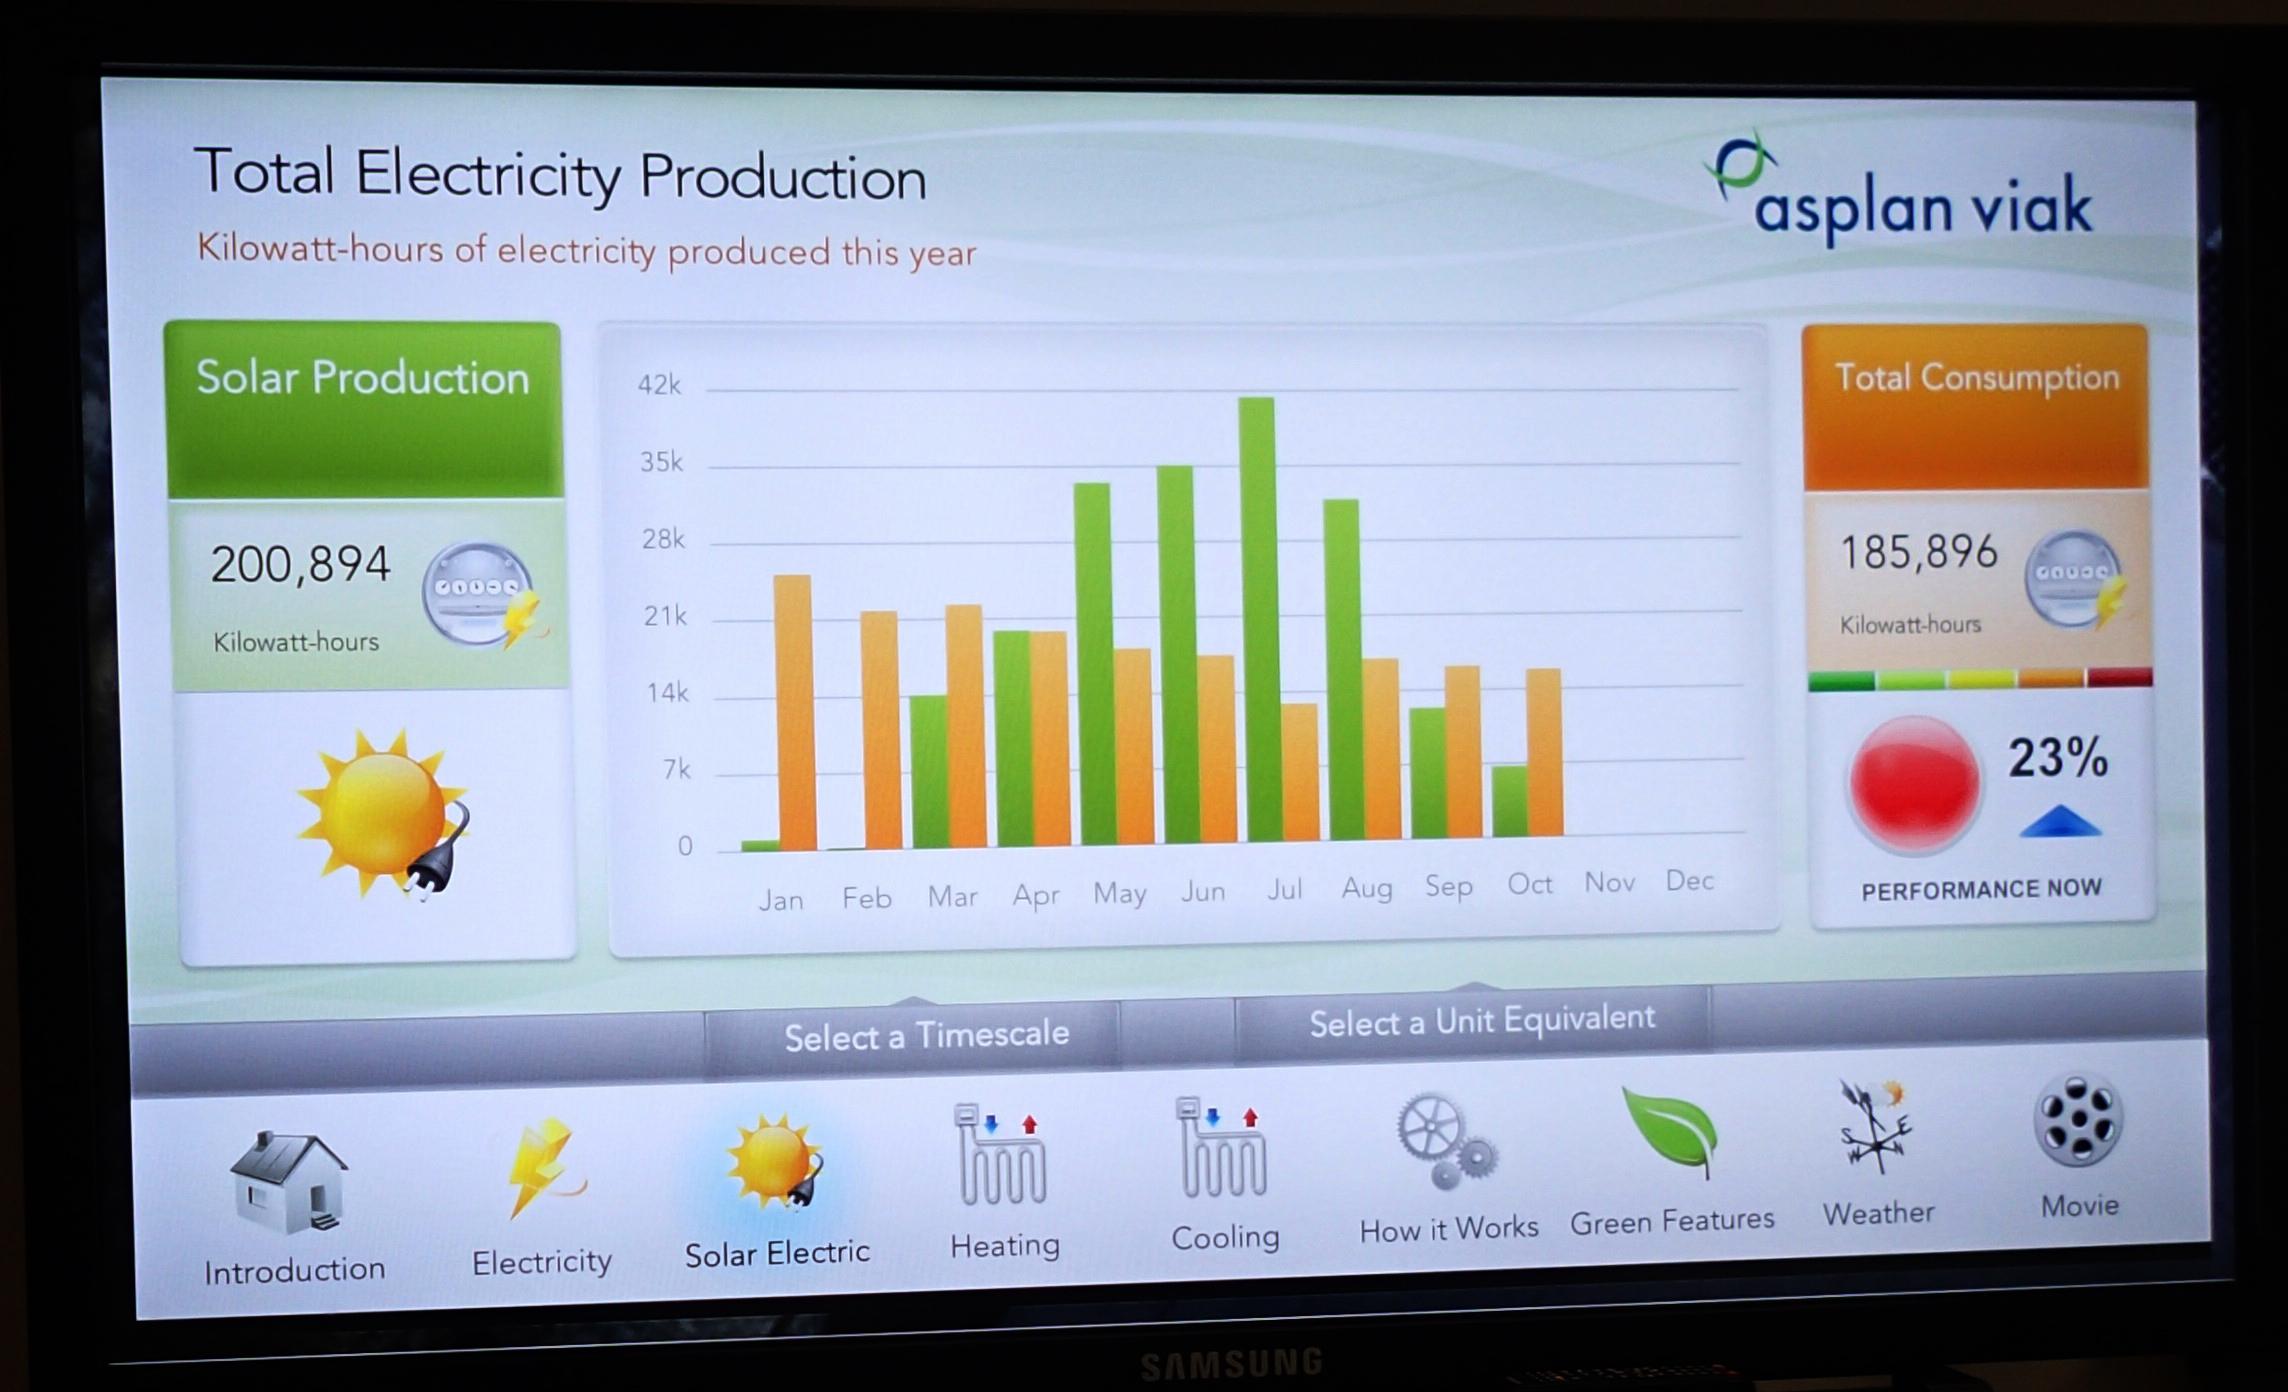 Energibruk og inneklima overvåkes nøye. I resepsjonen til Asplan Viak, som er leietaker i Powerhouse, kan man følge med på energiproduksjonen og lære mer om de ulike løsningene.